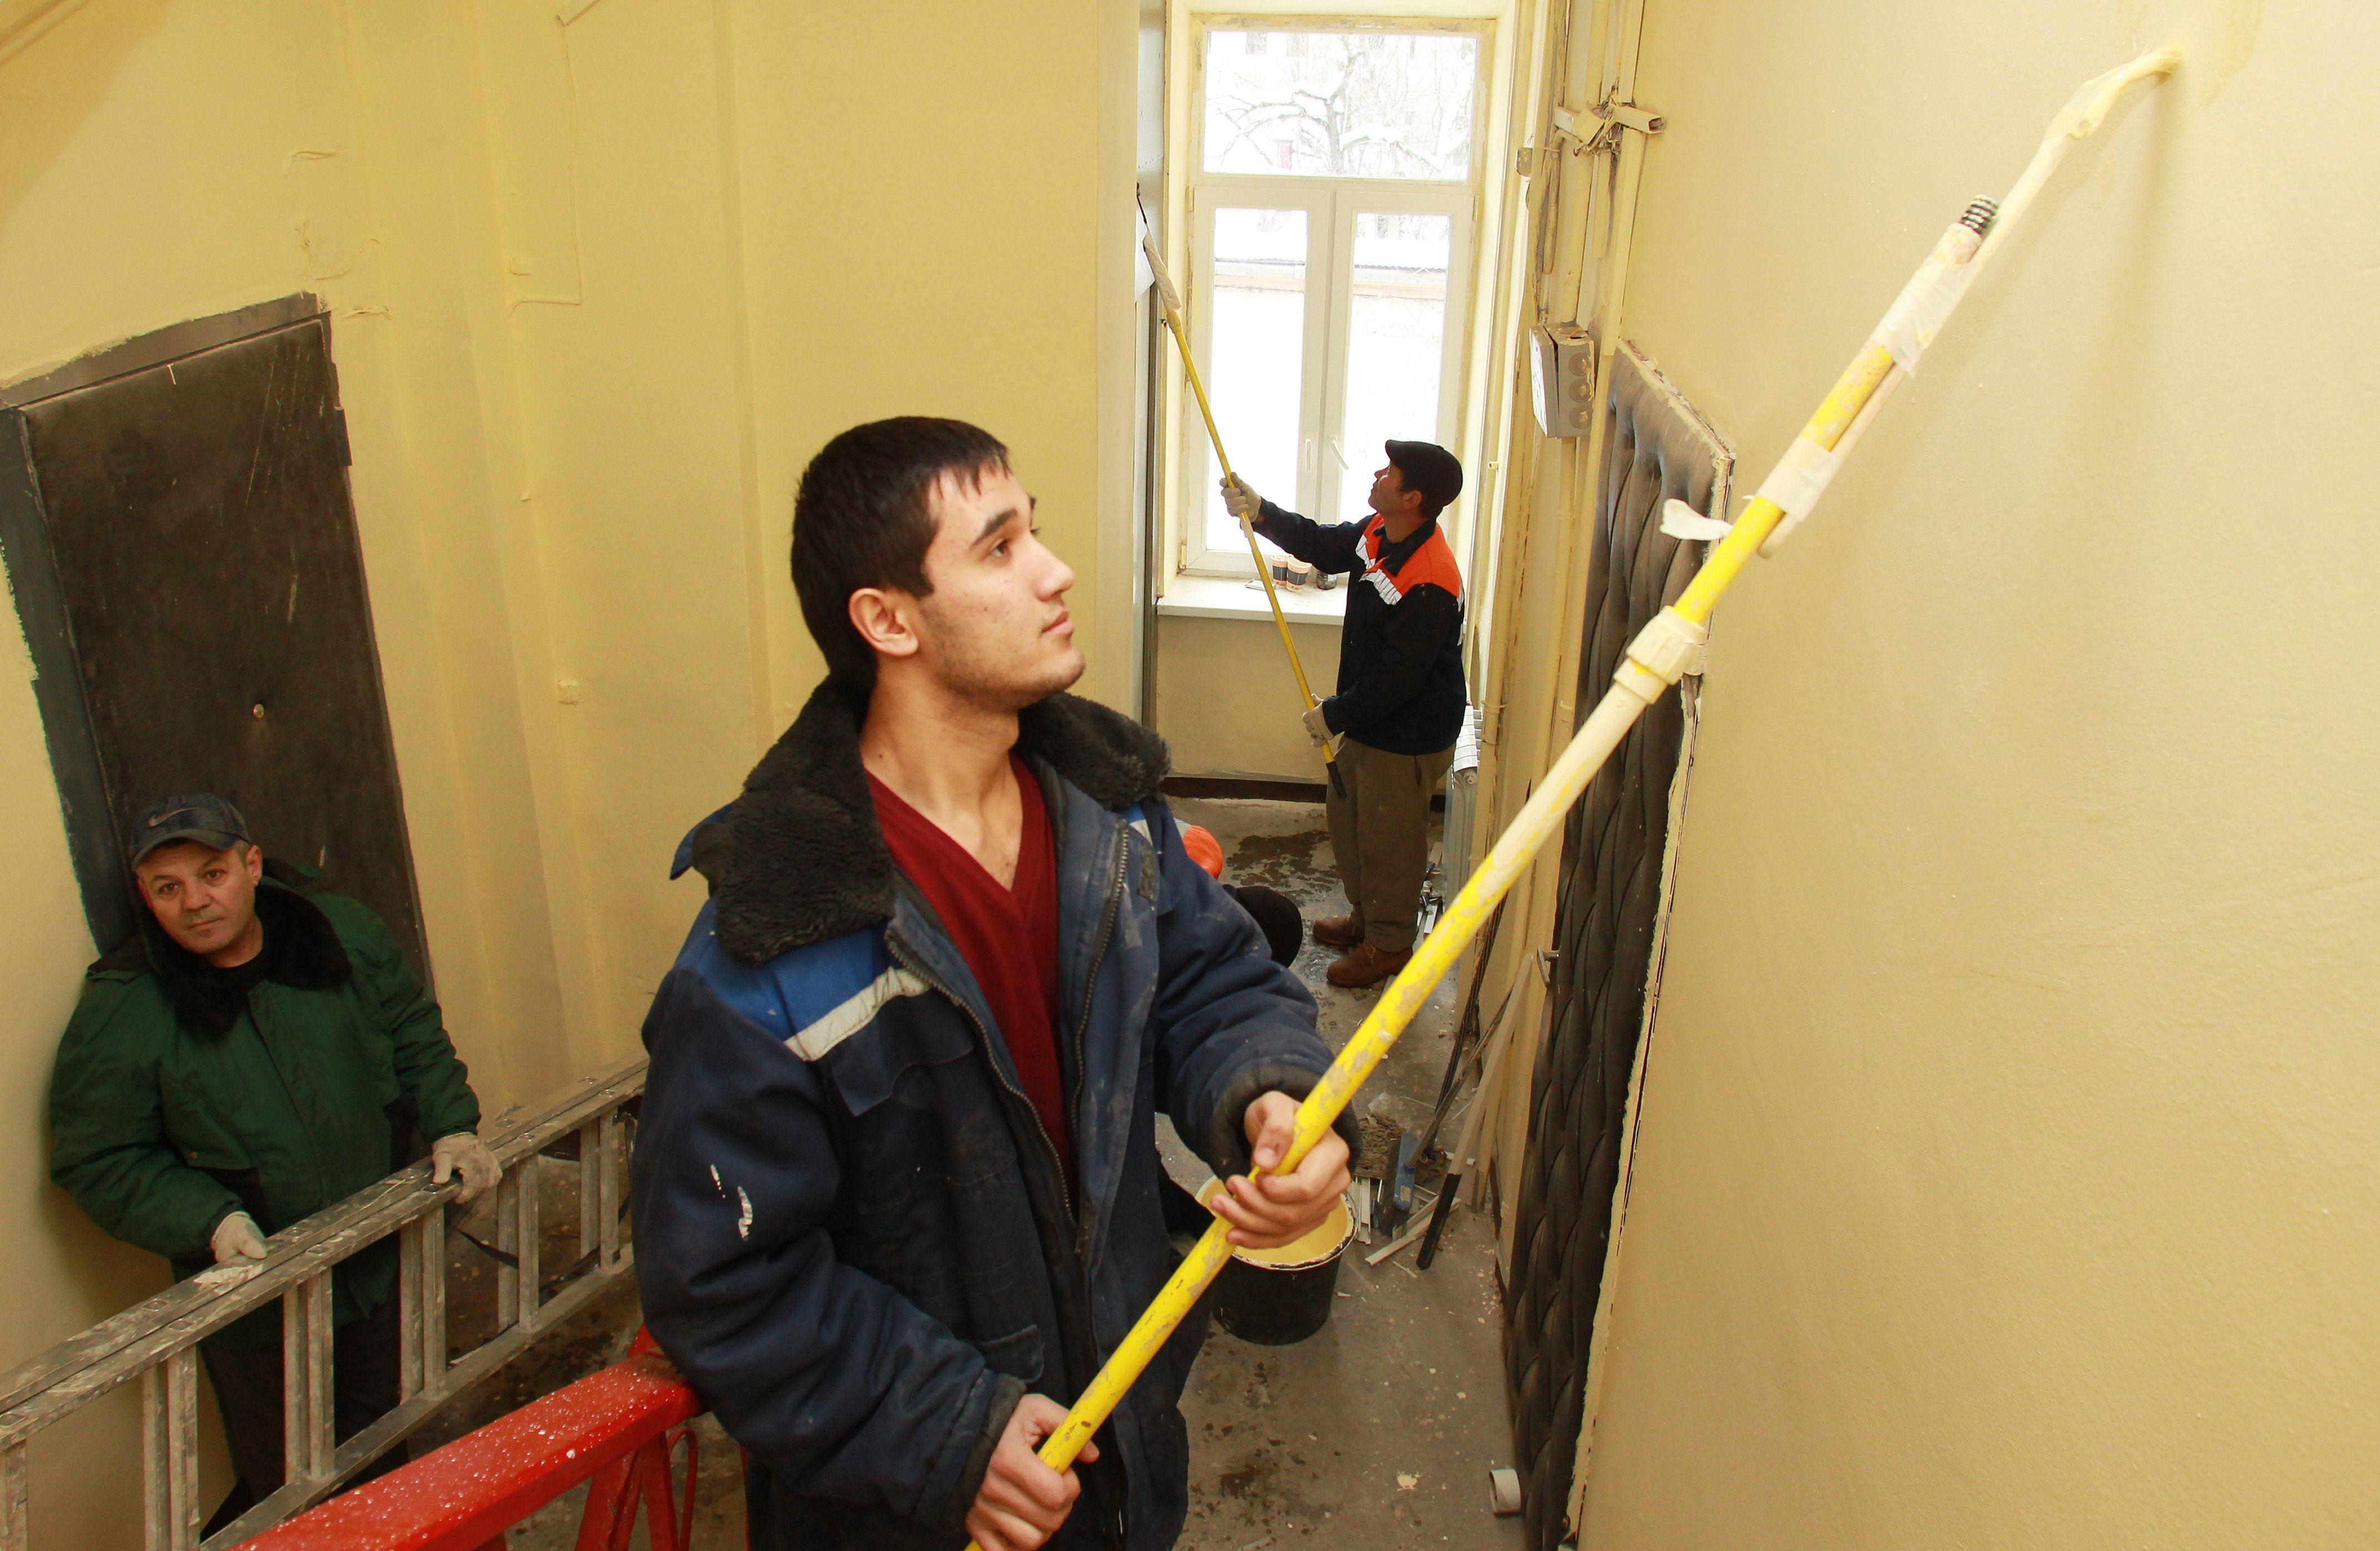 Специалисты покрасят подъезд в жилом доме в Новофедоровском